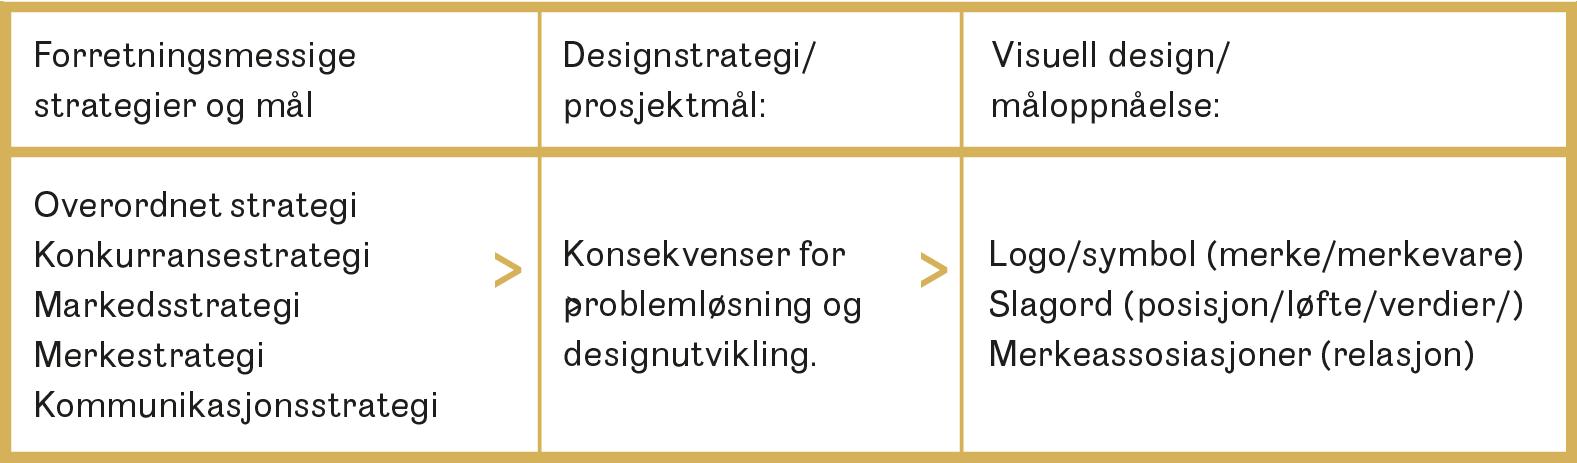 Designstrategien bygger bro mellom strategier og design. Her viser vi et eksempel på kobling mellom strategi og design i et merkebyggingsprosjekt.